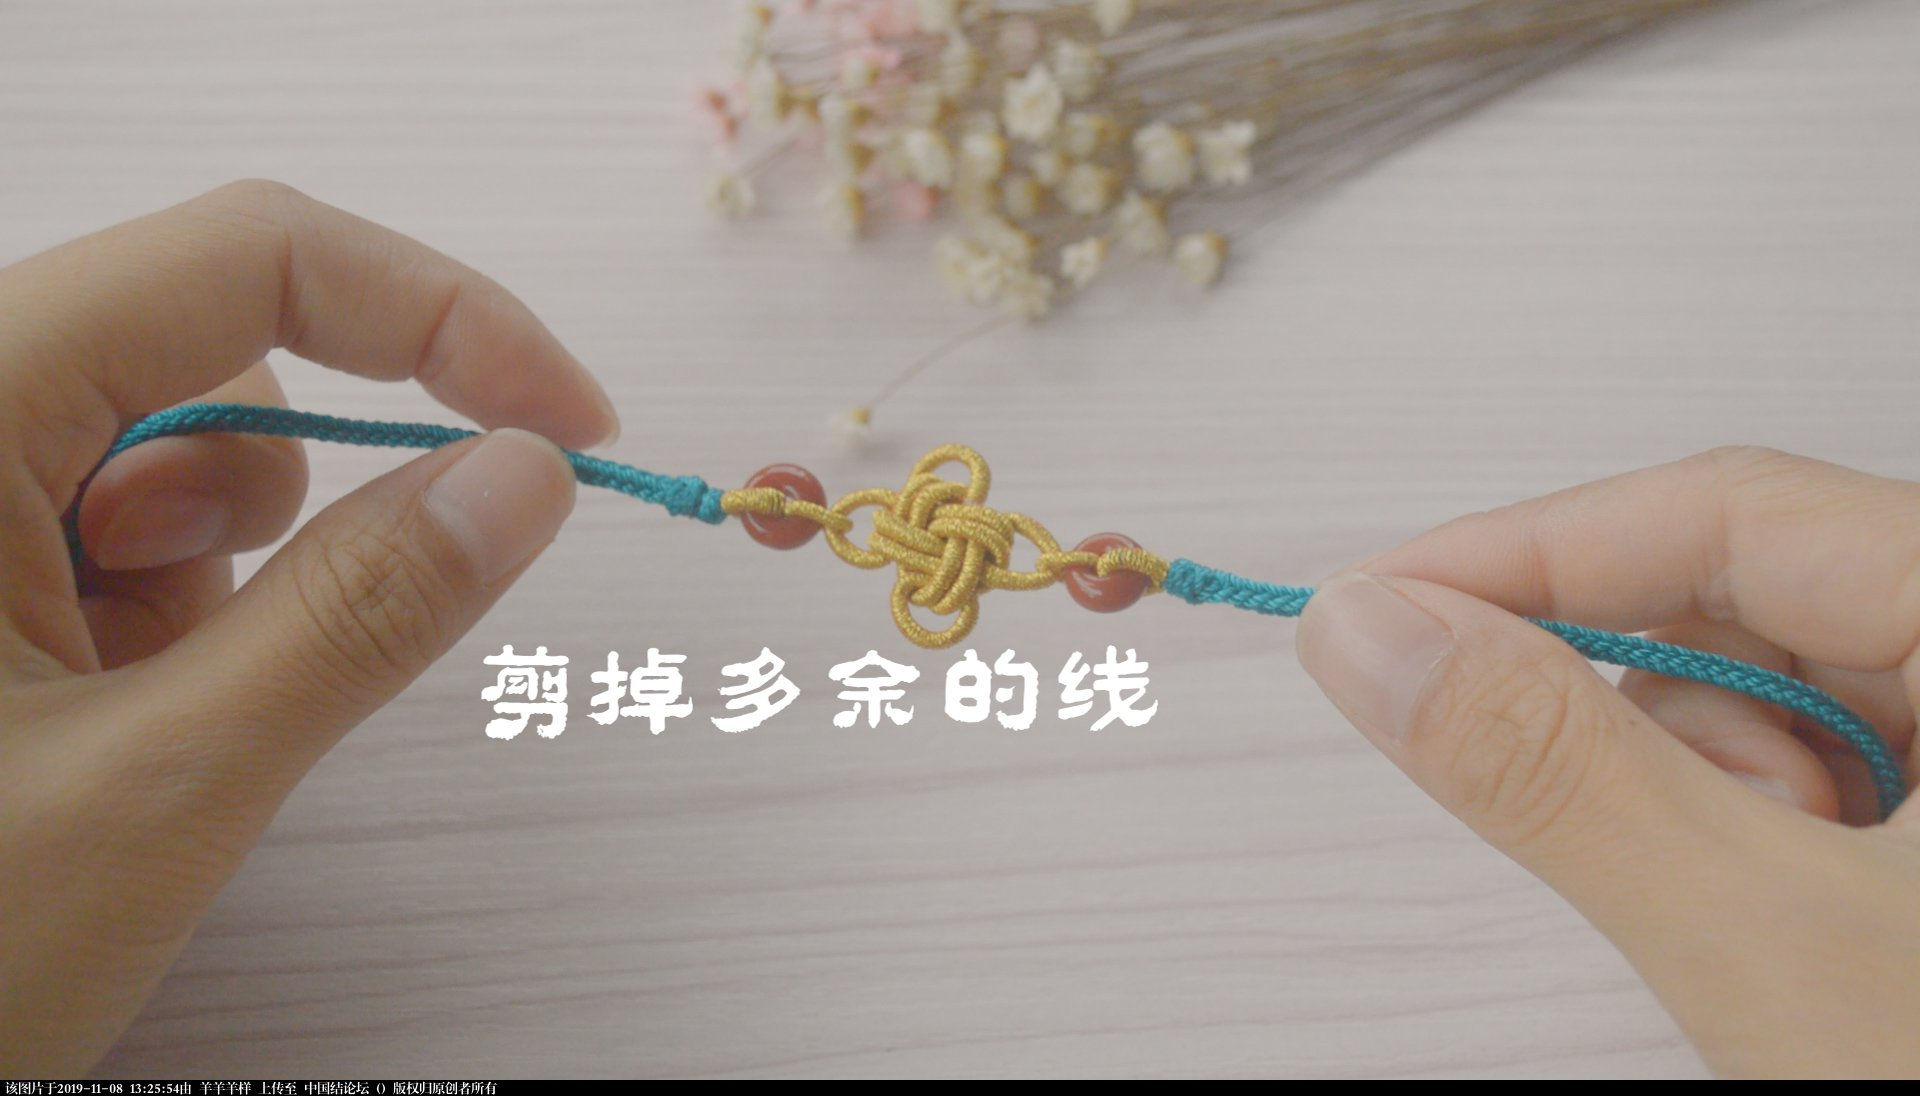 中国结论坛 冰花结只会用来做挂件?试试做一款属于自己的毛衣链,附视频教程  图文教程区 131856i3eitq3sjb3ttlcz